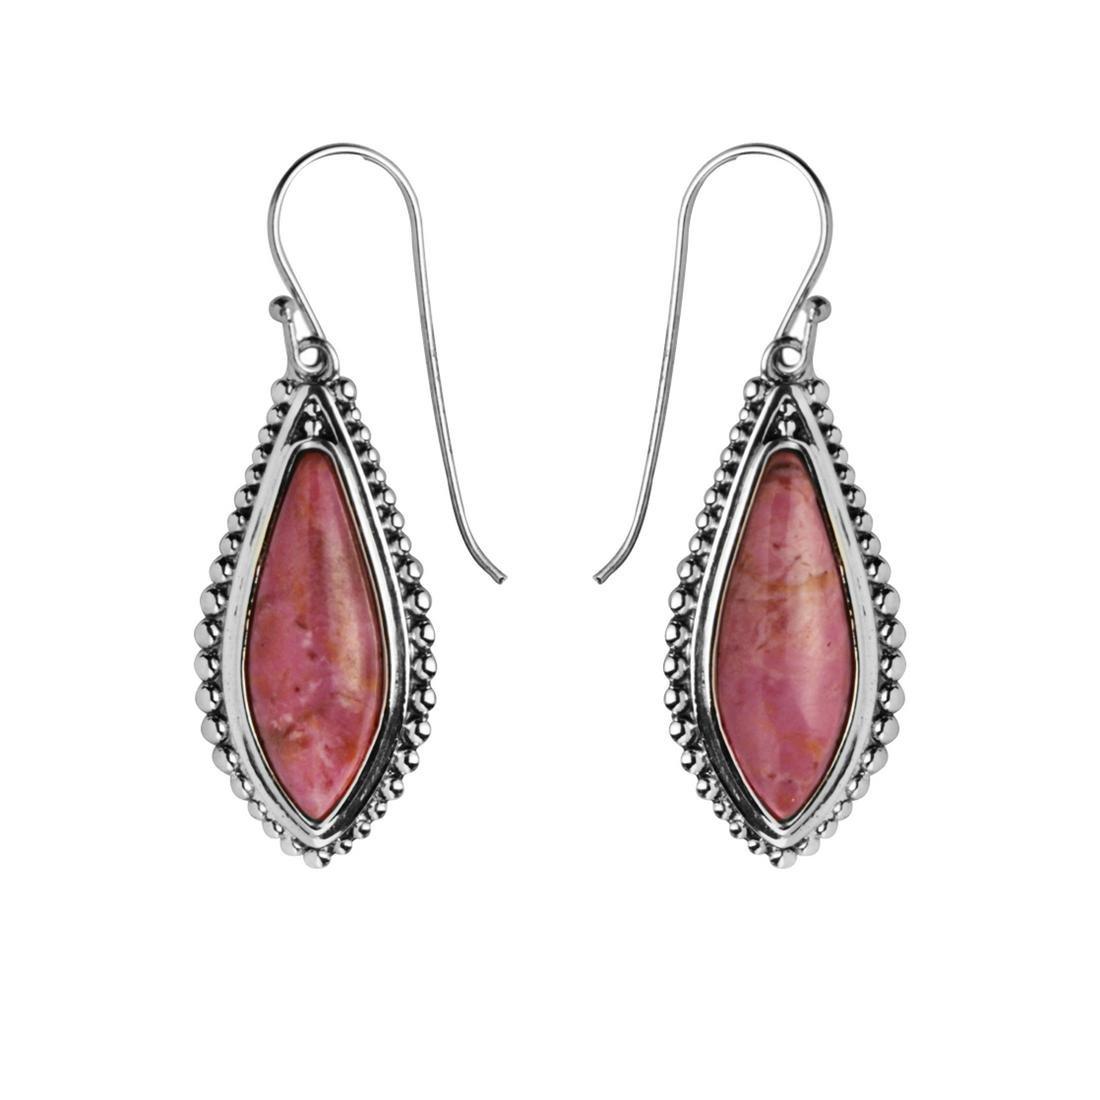 Sterling Silver Rhodonite Beaded Earrings